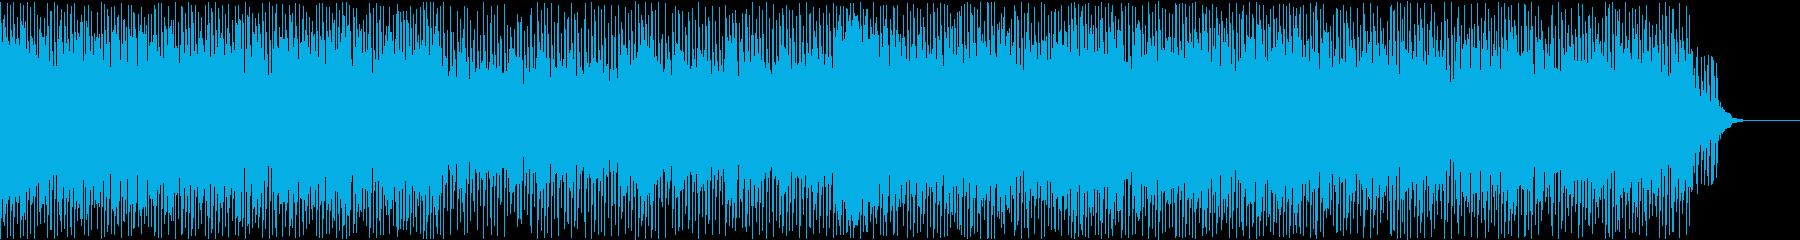 推理・謎解き・探偵・怪盗・サスペンスの再生済みの波形